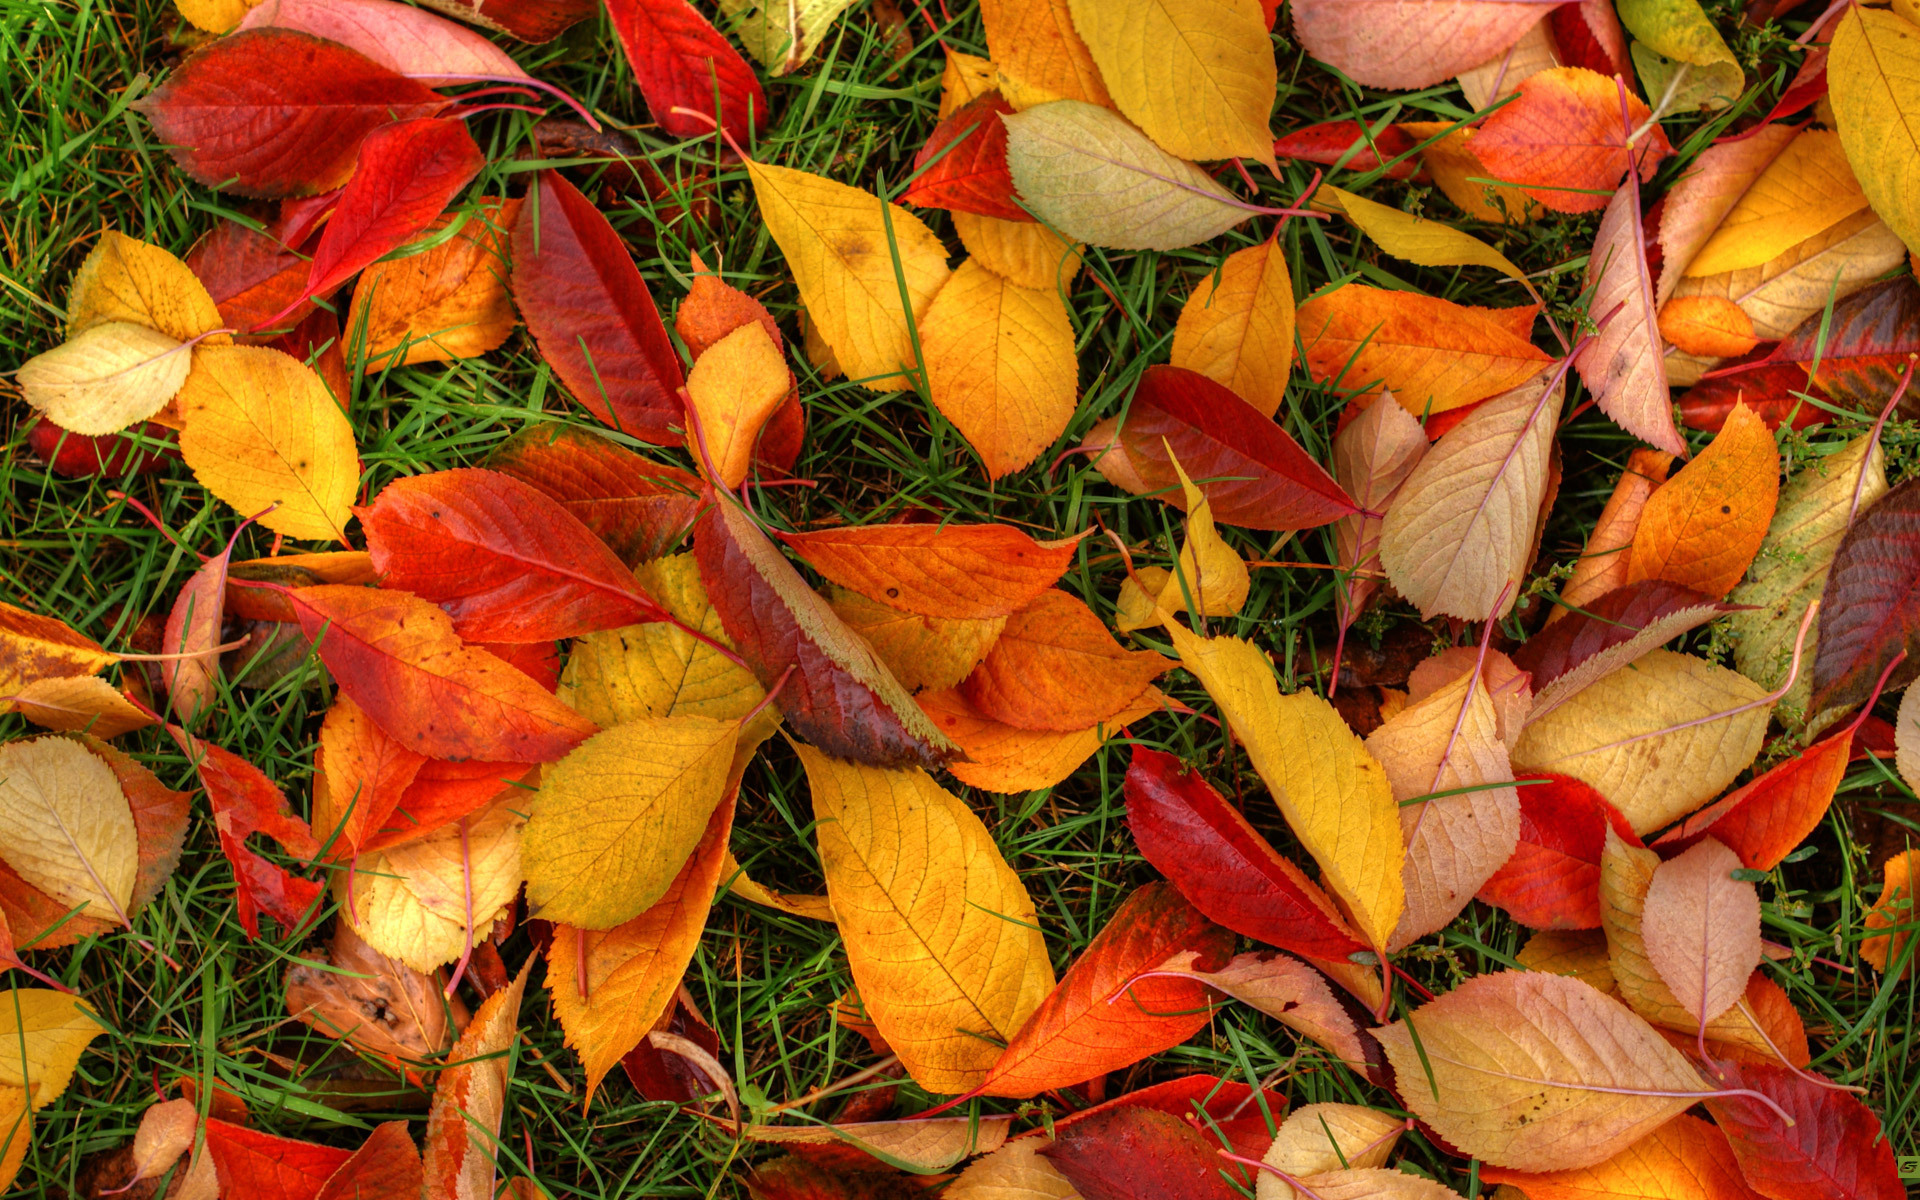 В Днепре запретили убирать опавшие листья: причины. Новости Днепра